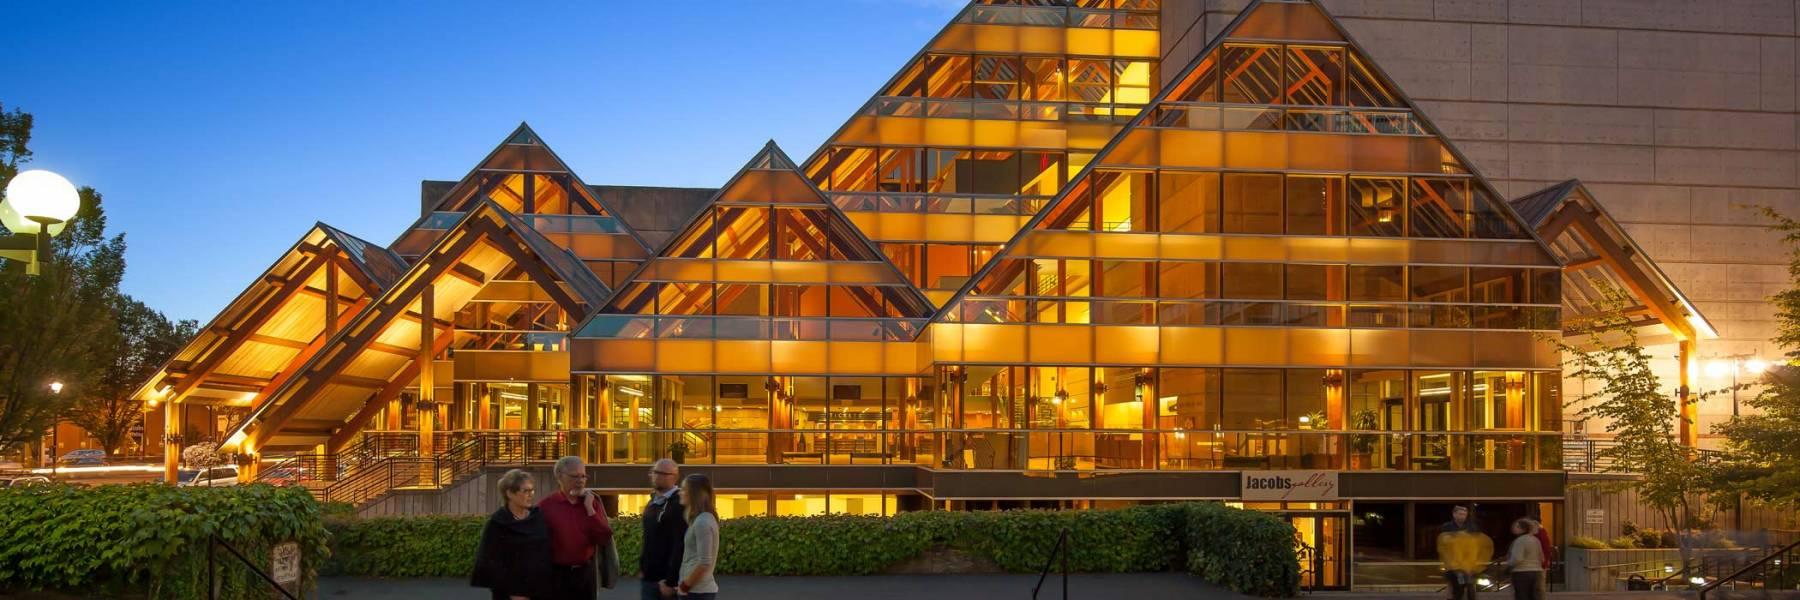 Hult Center at twilight